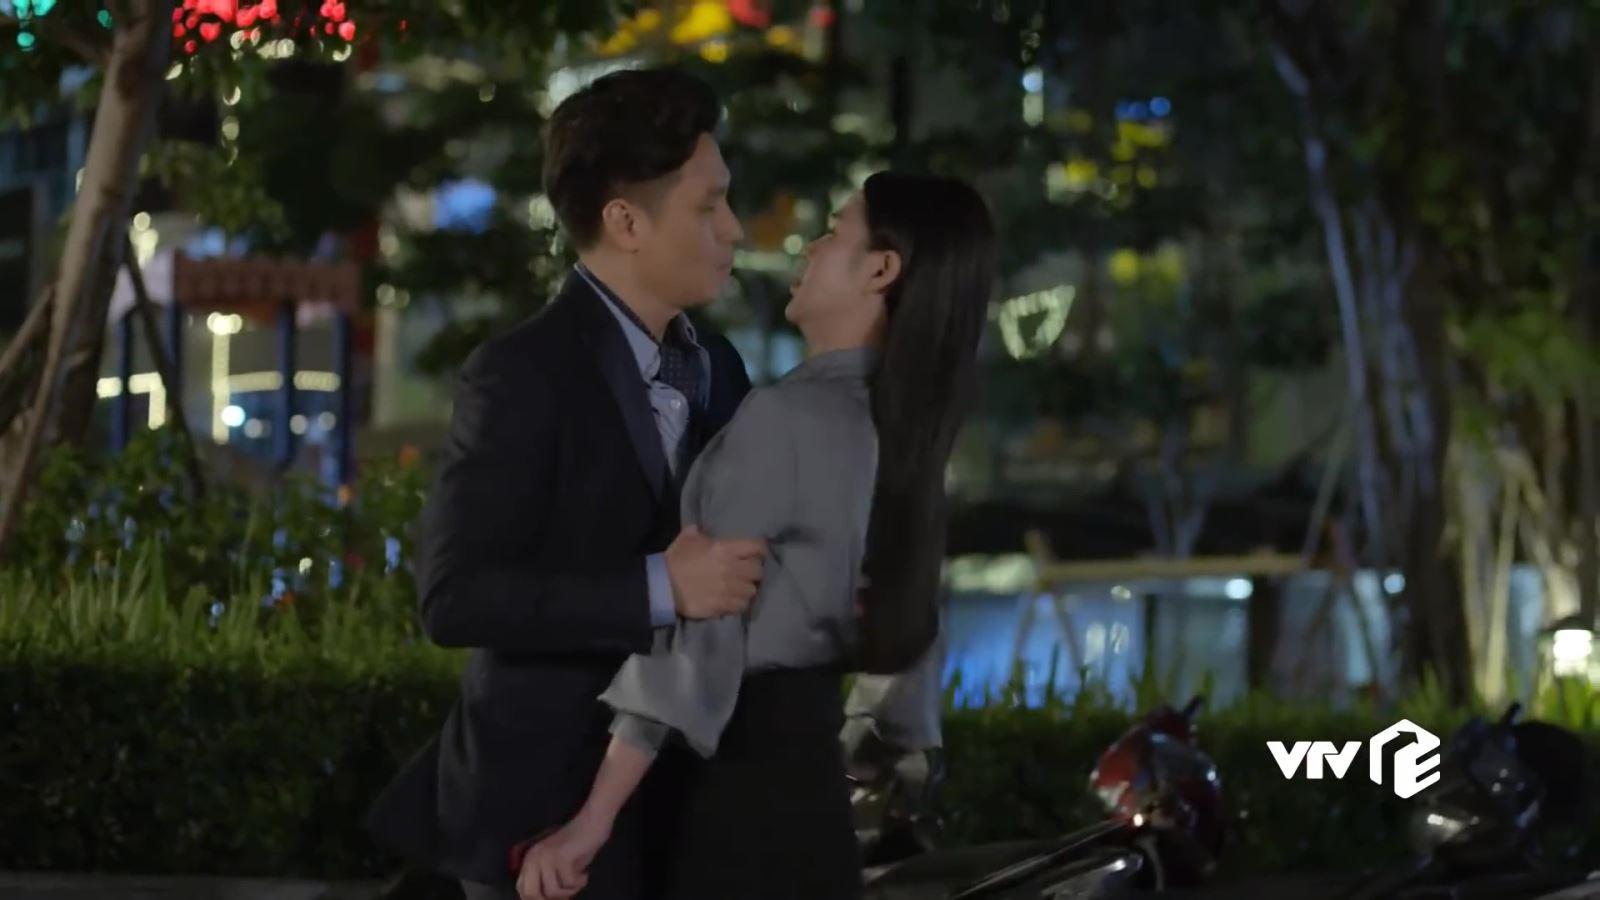 VIDEO 'Hướng dương ngược nắng': Hoàng liều hôn Minh, Kiên lại khiến Châu thất vọng